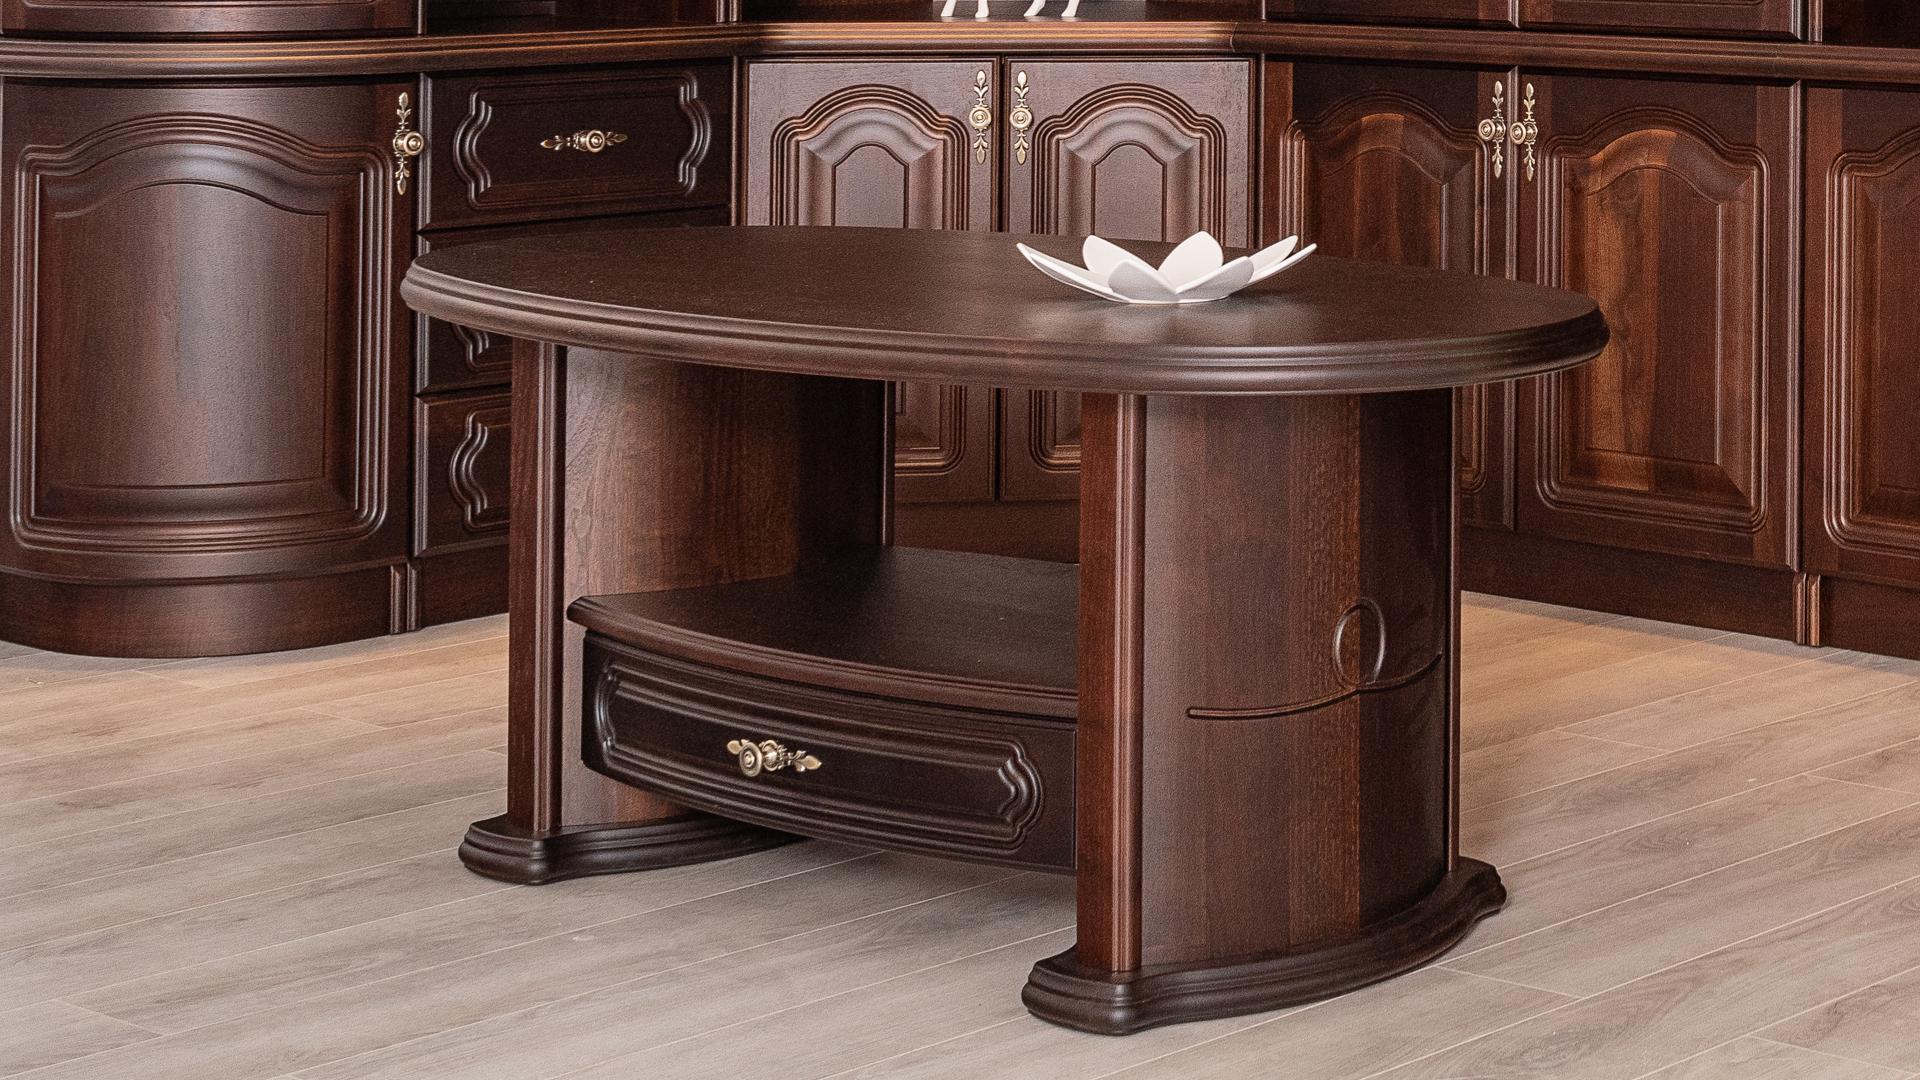 Tömörfa dohányzóasztal – A nappali éke